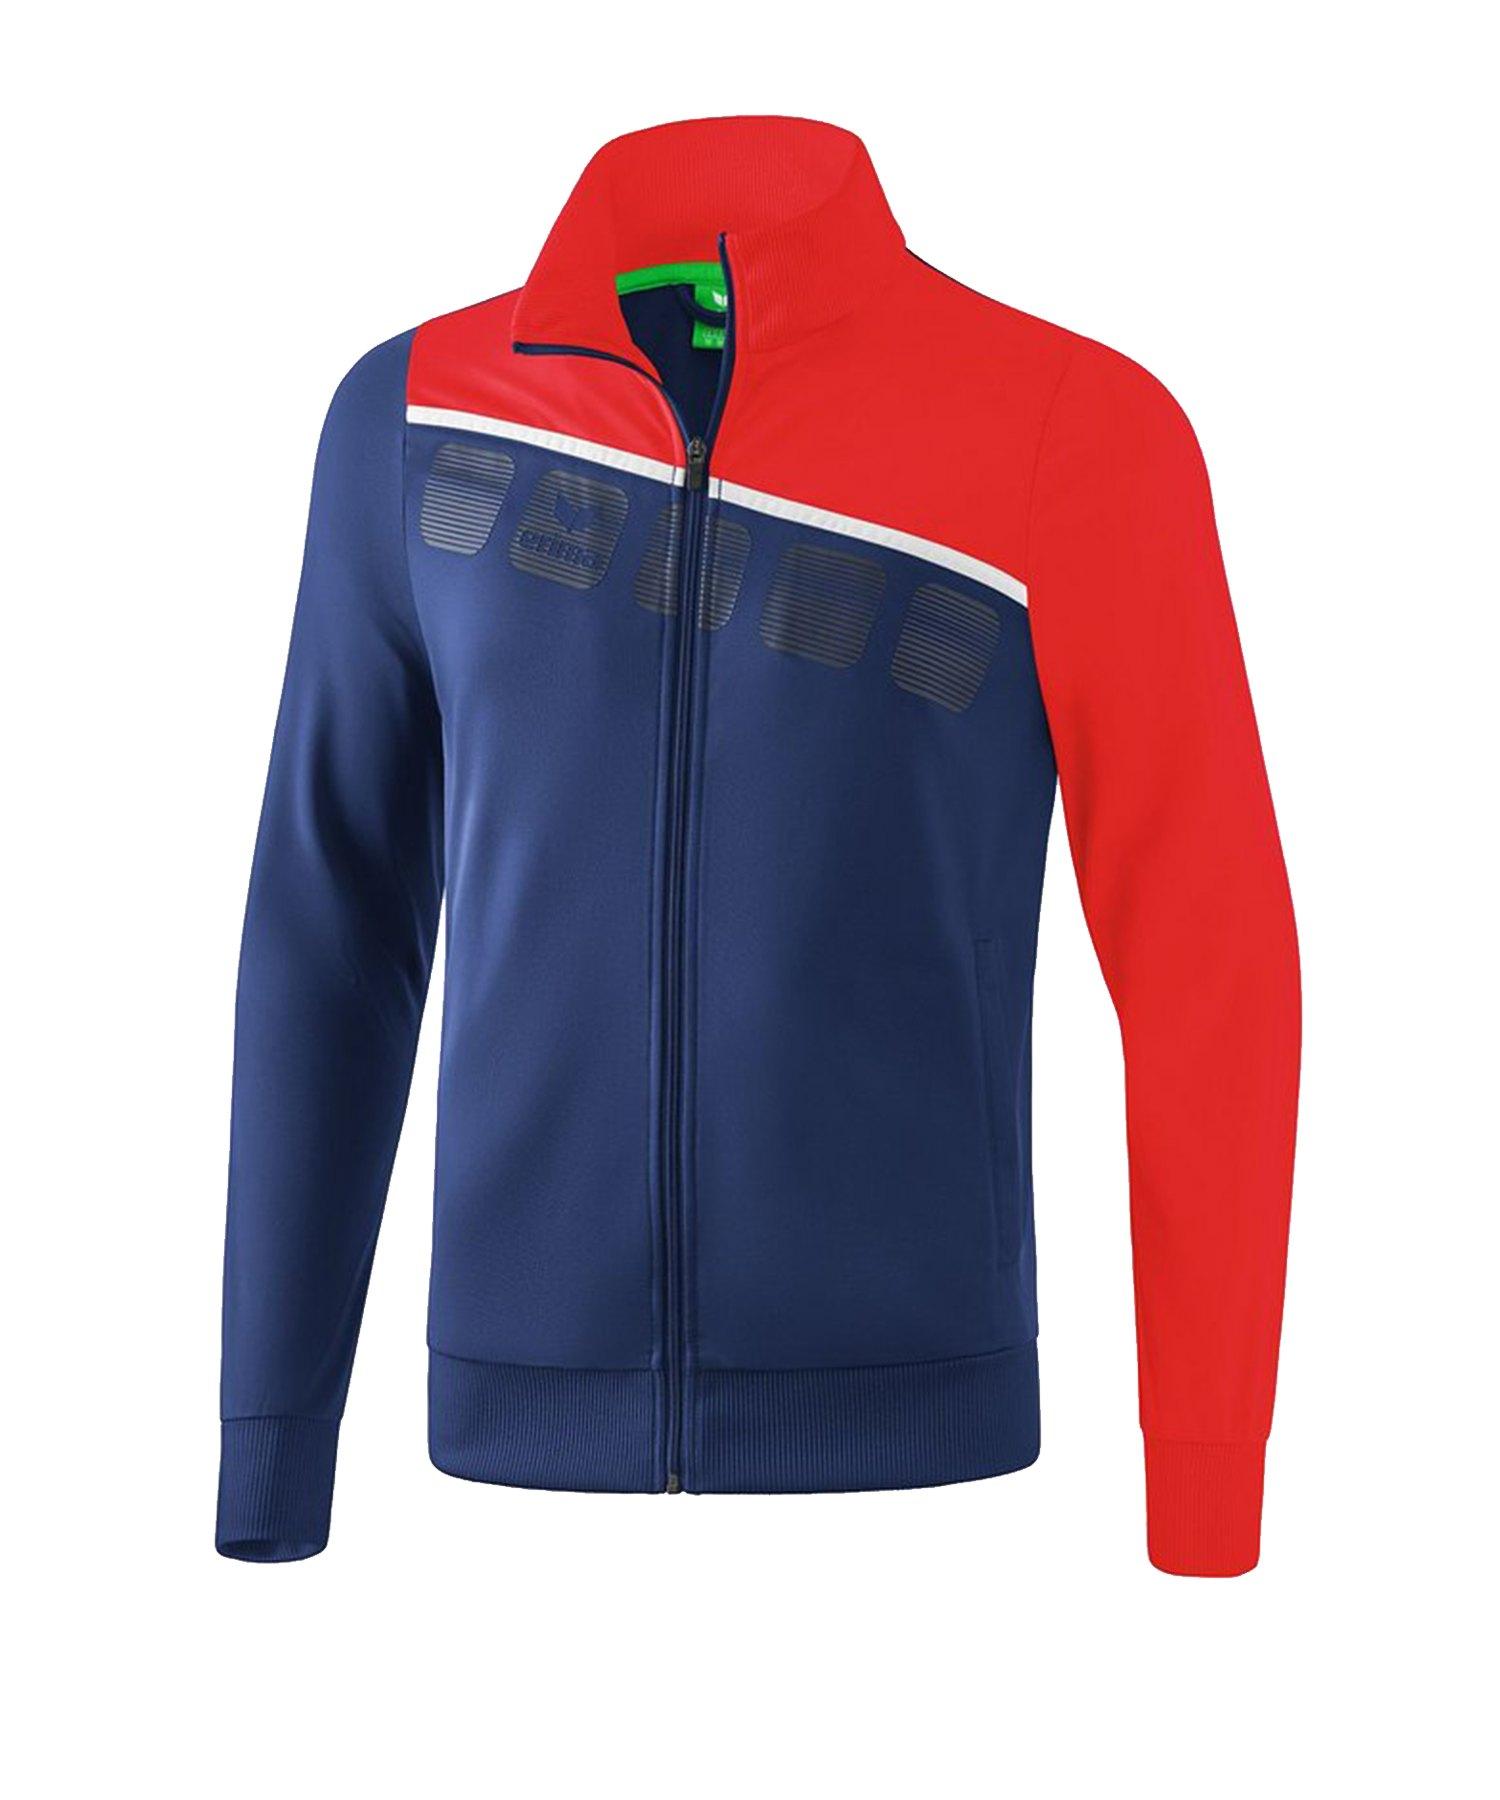 Erima 5-C Polyesterjacke Kids Blau Rot - Blau